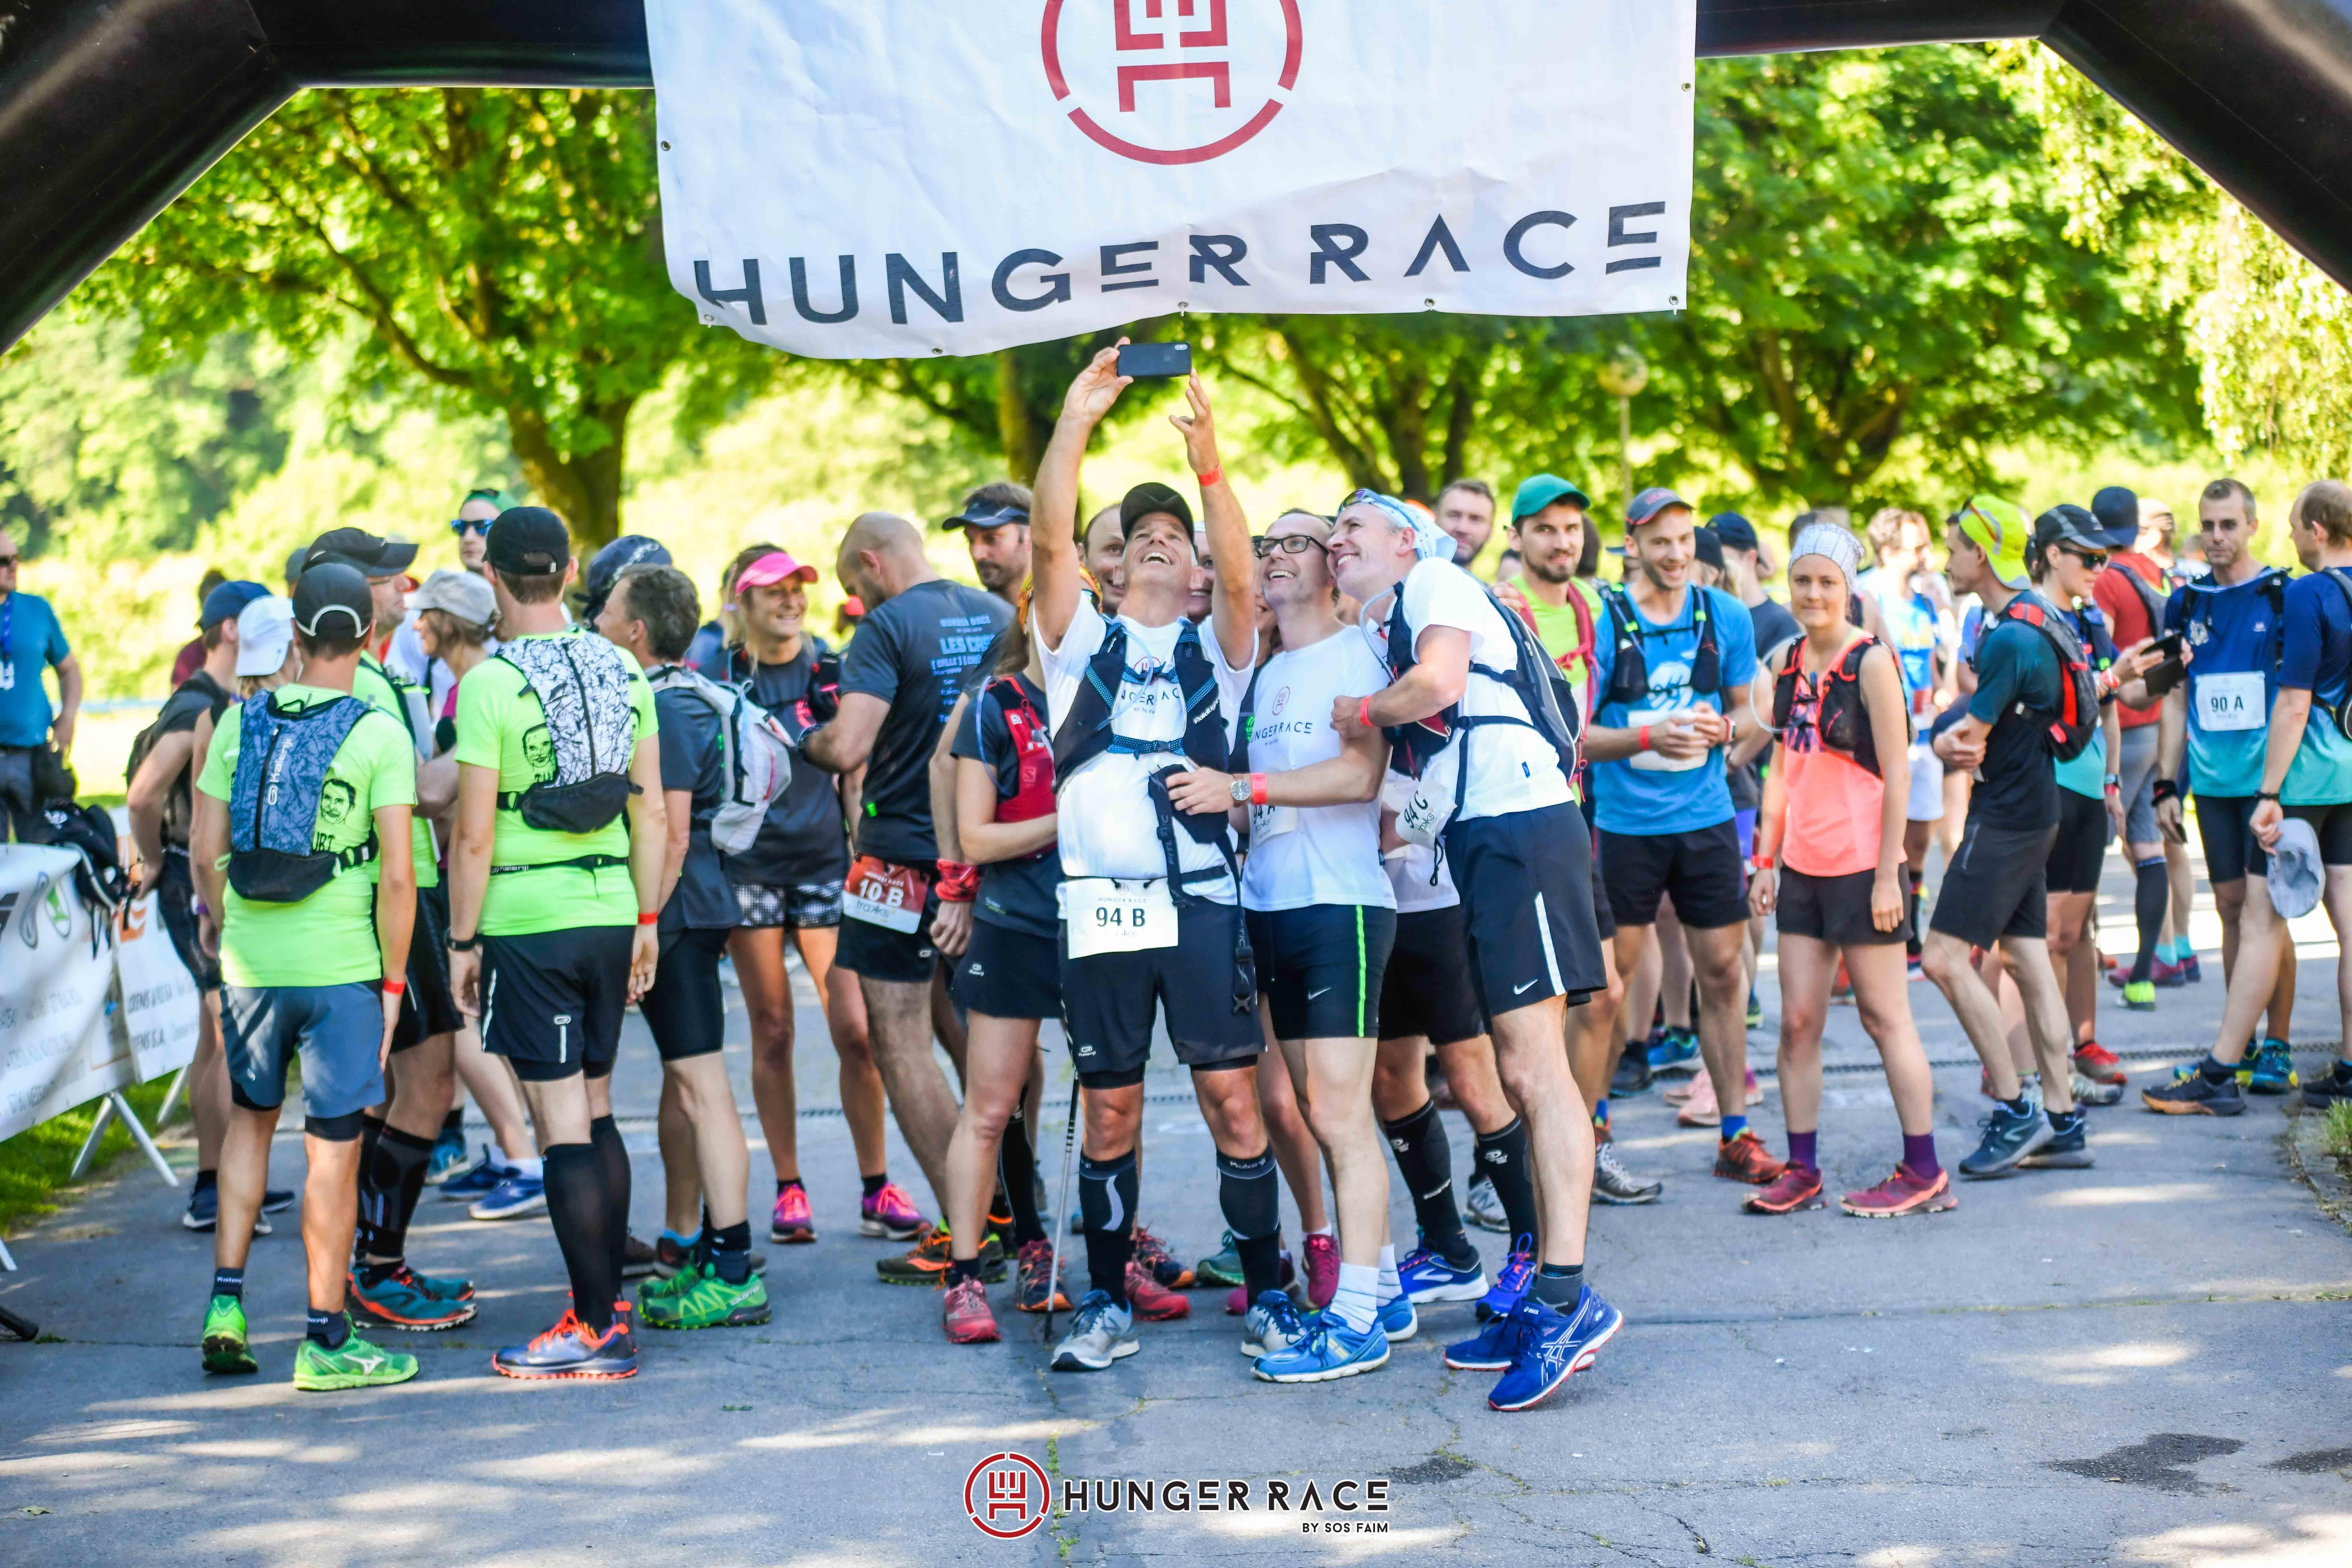 Hunger Race 2019 – Foto's van Impala Photographie